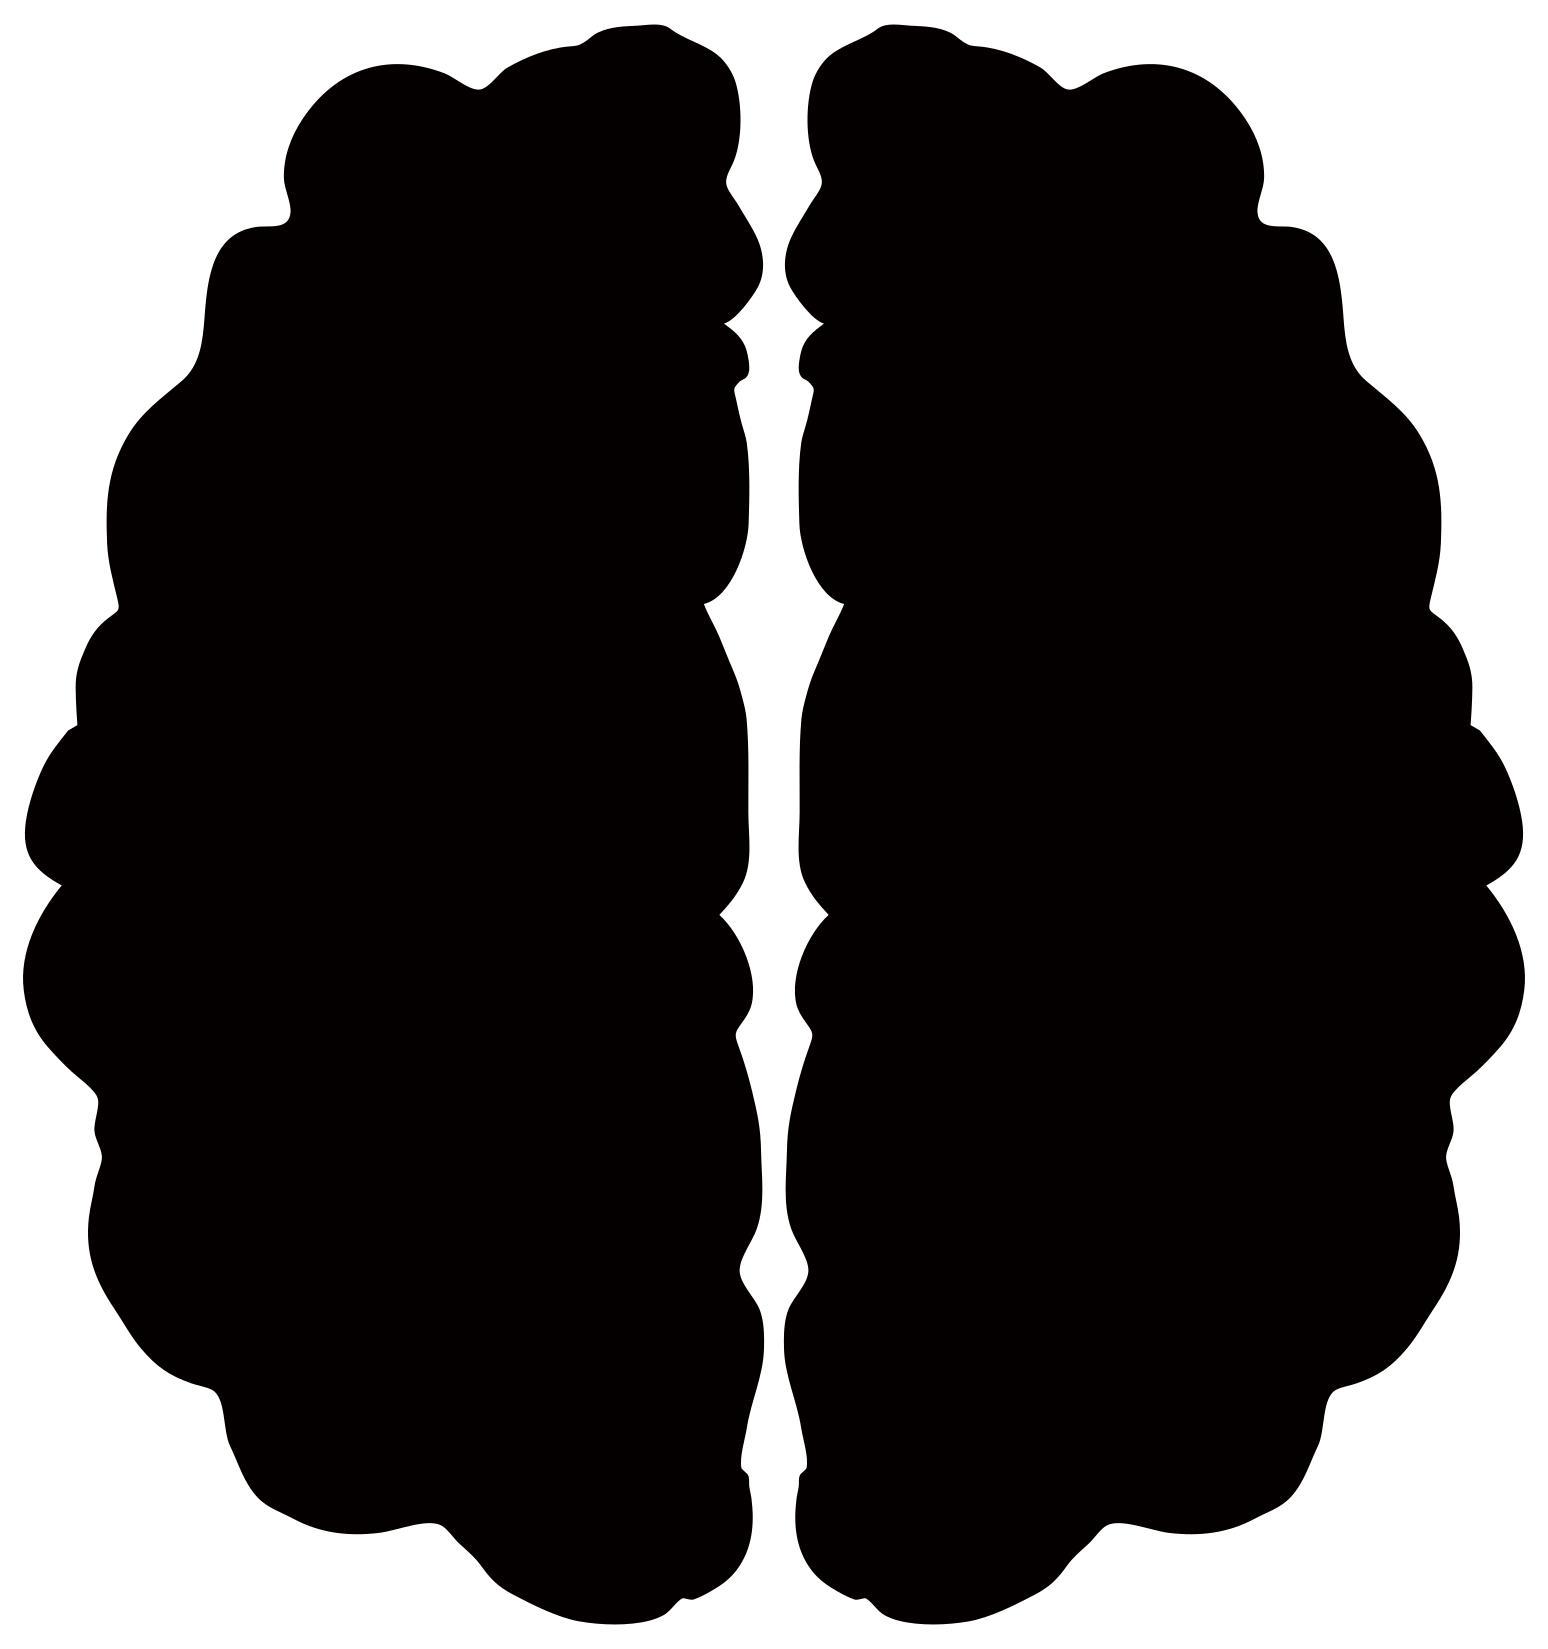 Design droide . Brain clipart silhouette